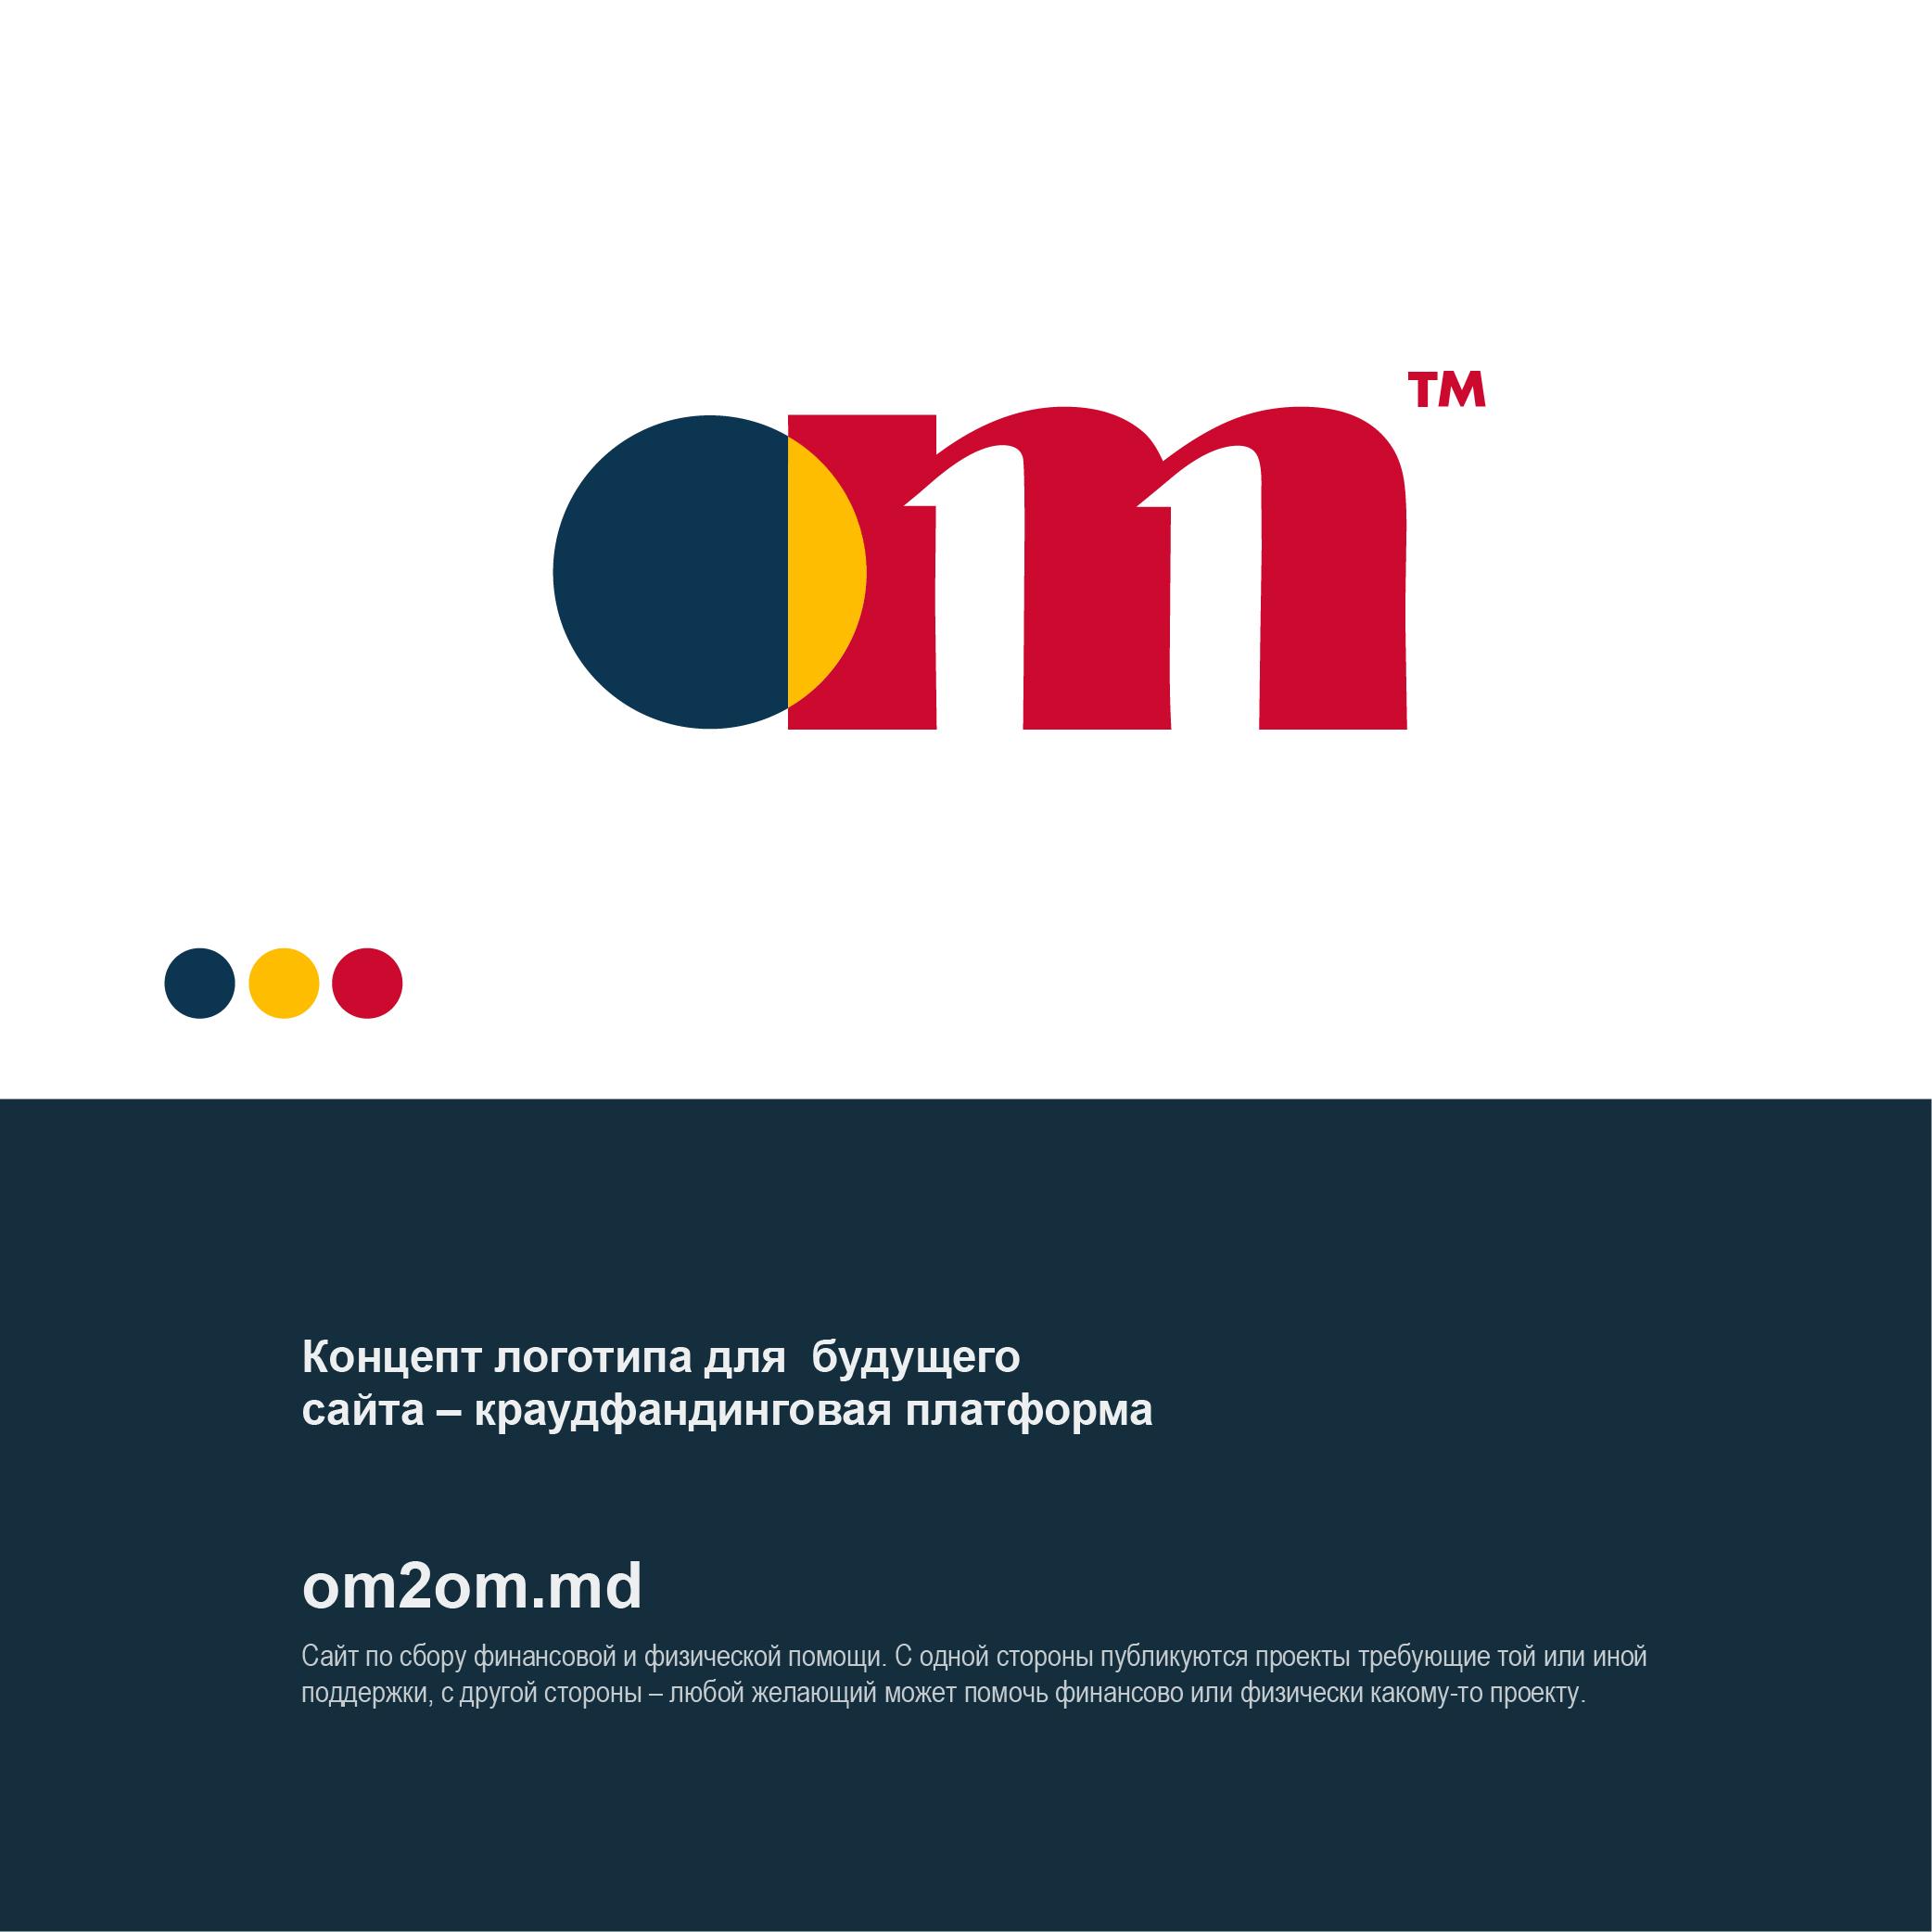 Разработка логотипа для краудфандинговой платформы om2om.md фото f_3025f5934dc96ef7.jpg